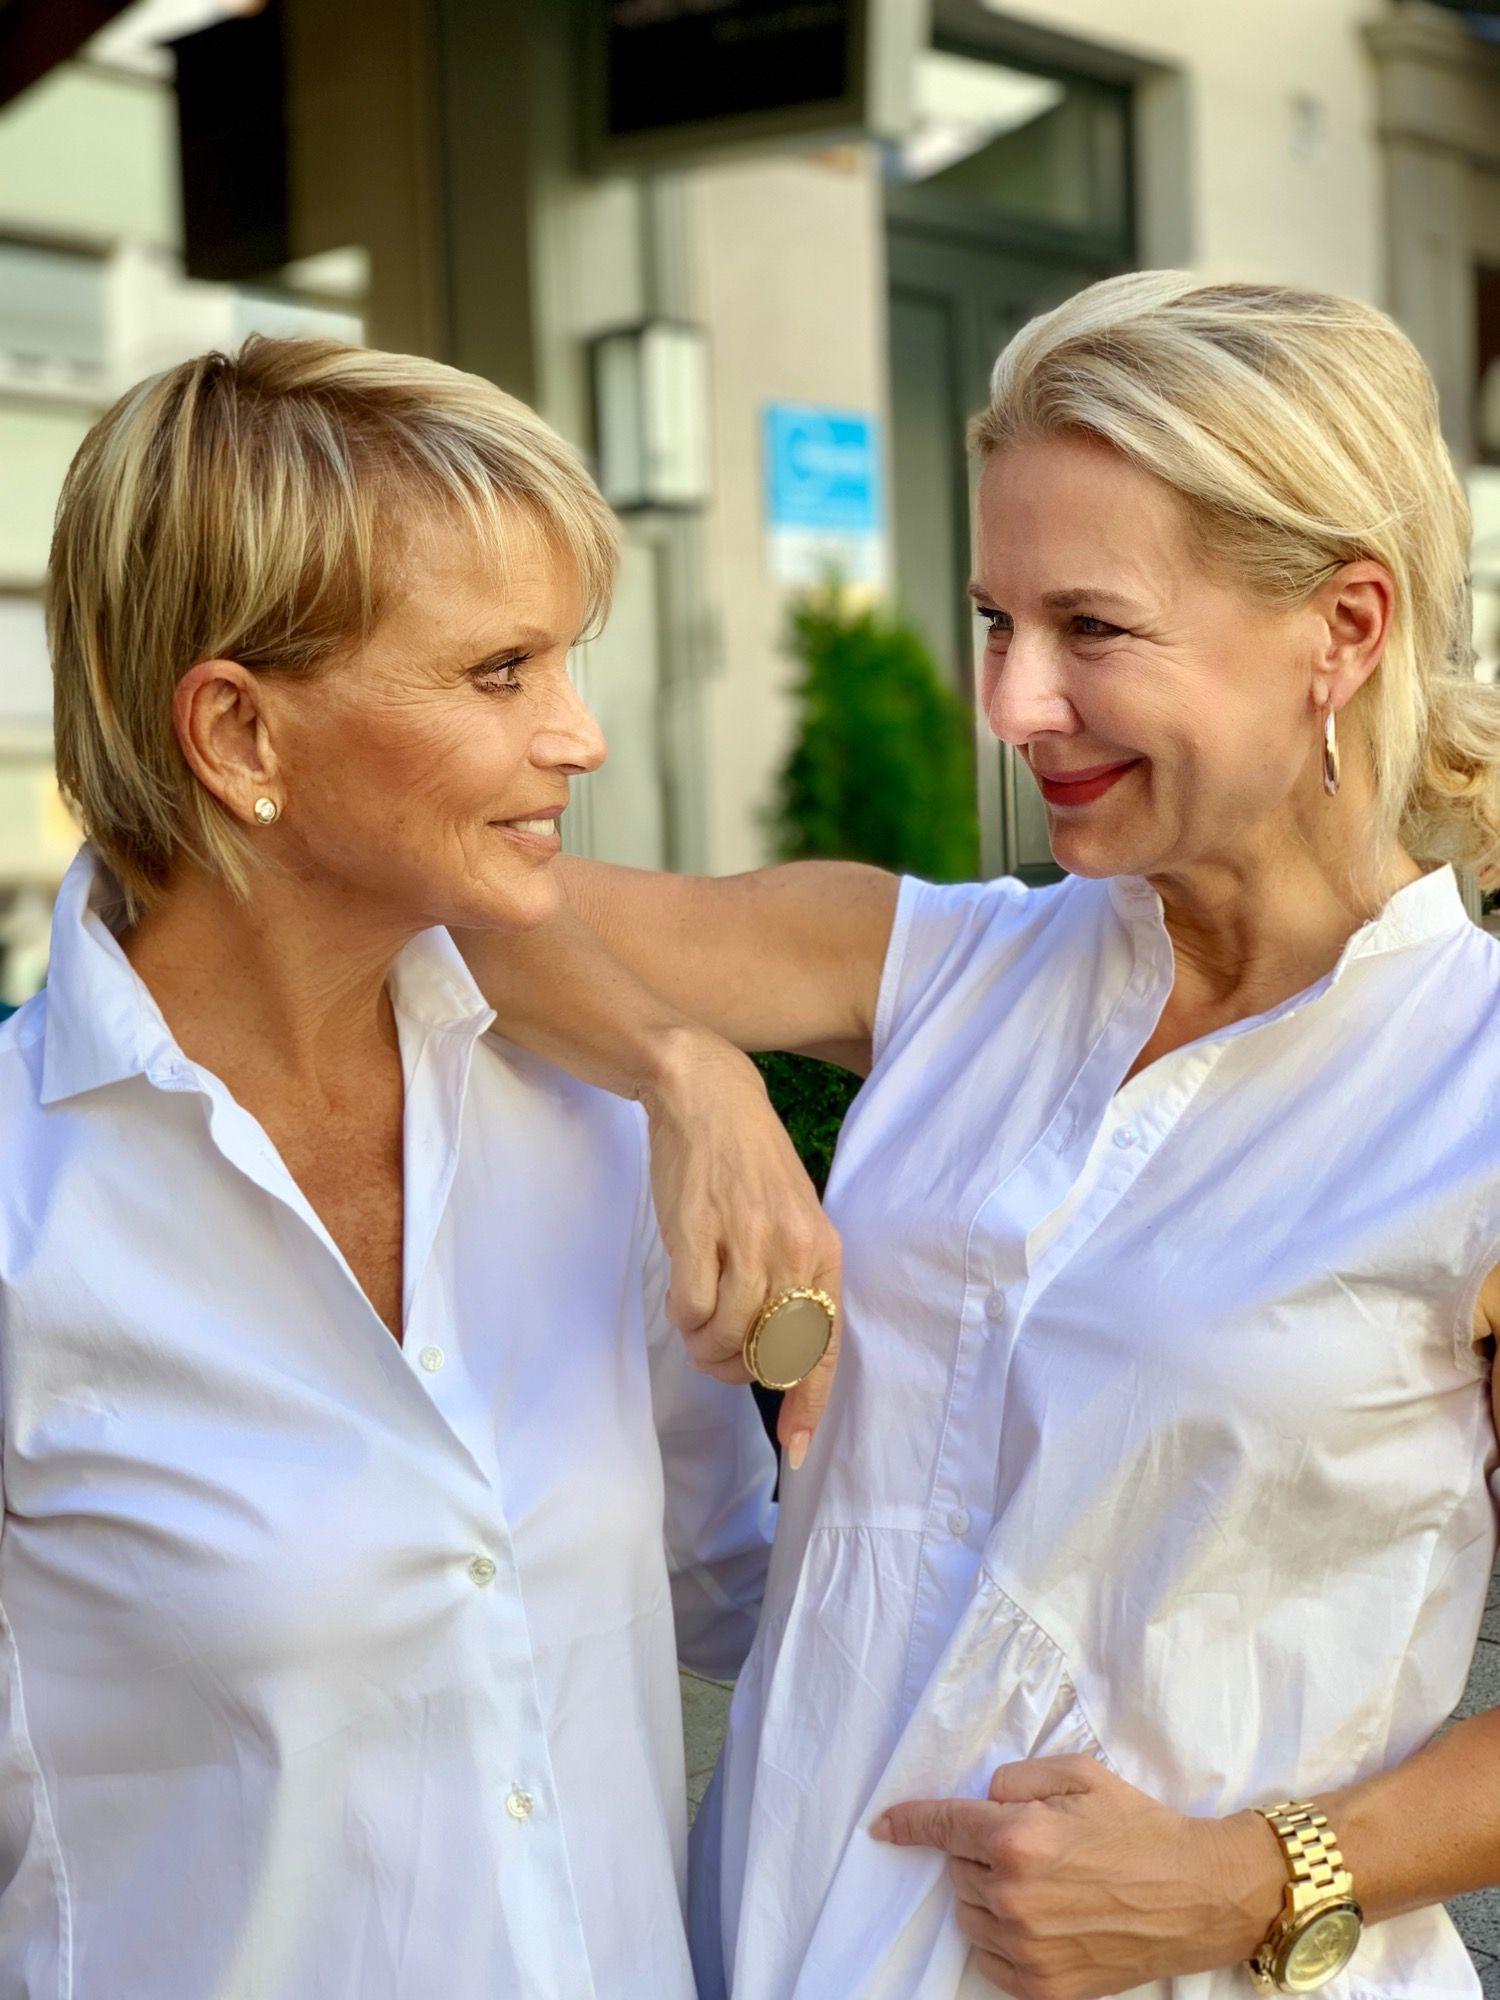 Stilexperte Fur Styling Und Anti Aging 45 Street Style Fur Frauen Naturliches Makeup Friseurin